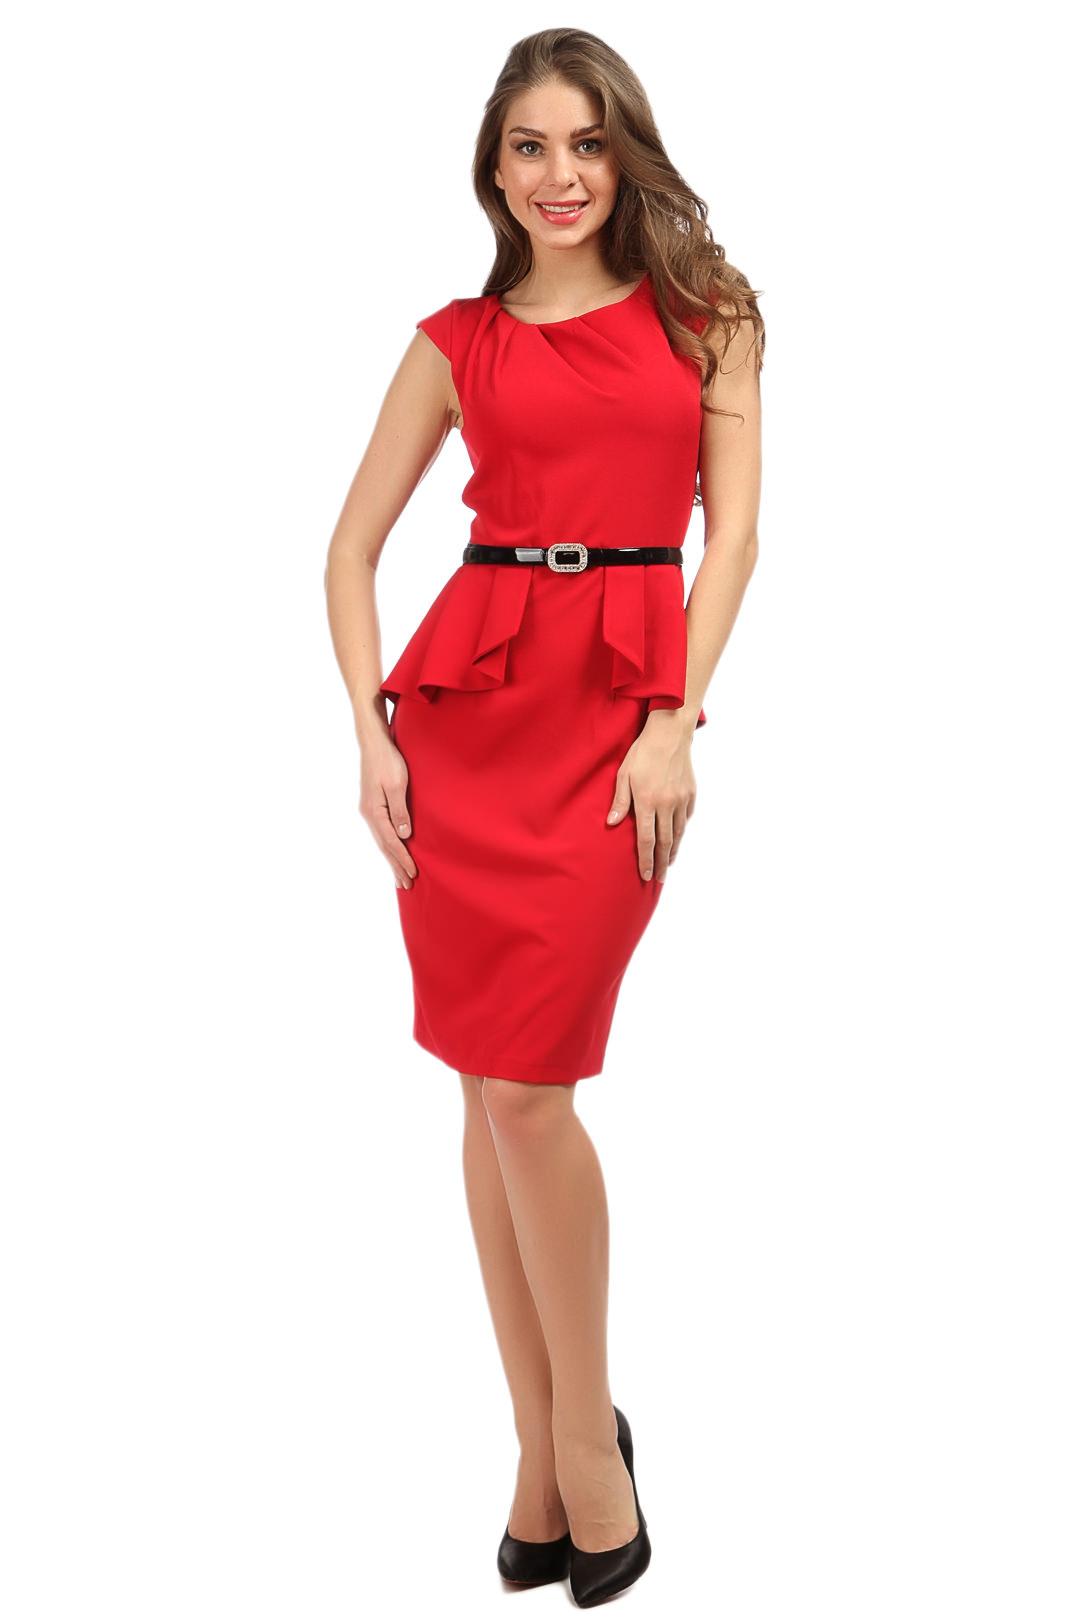 функции модели красного платья картинки ещё хочу сказать